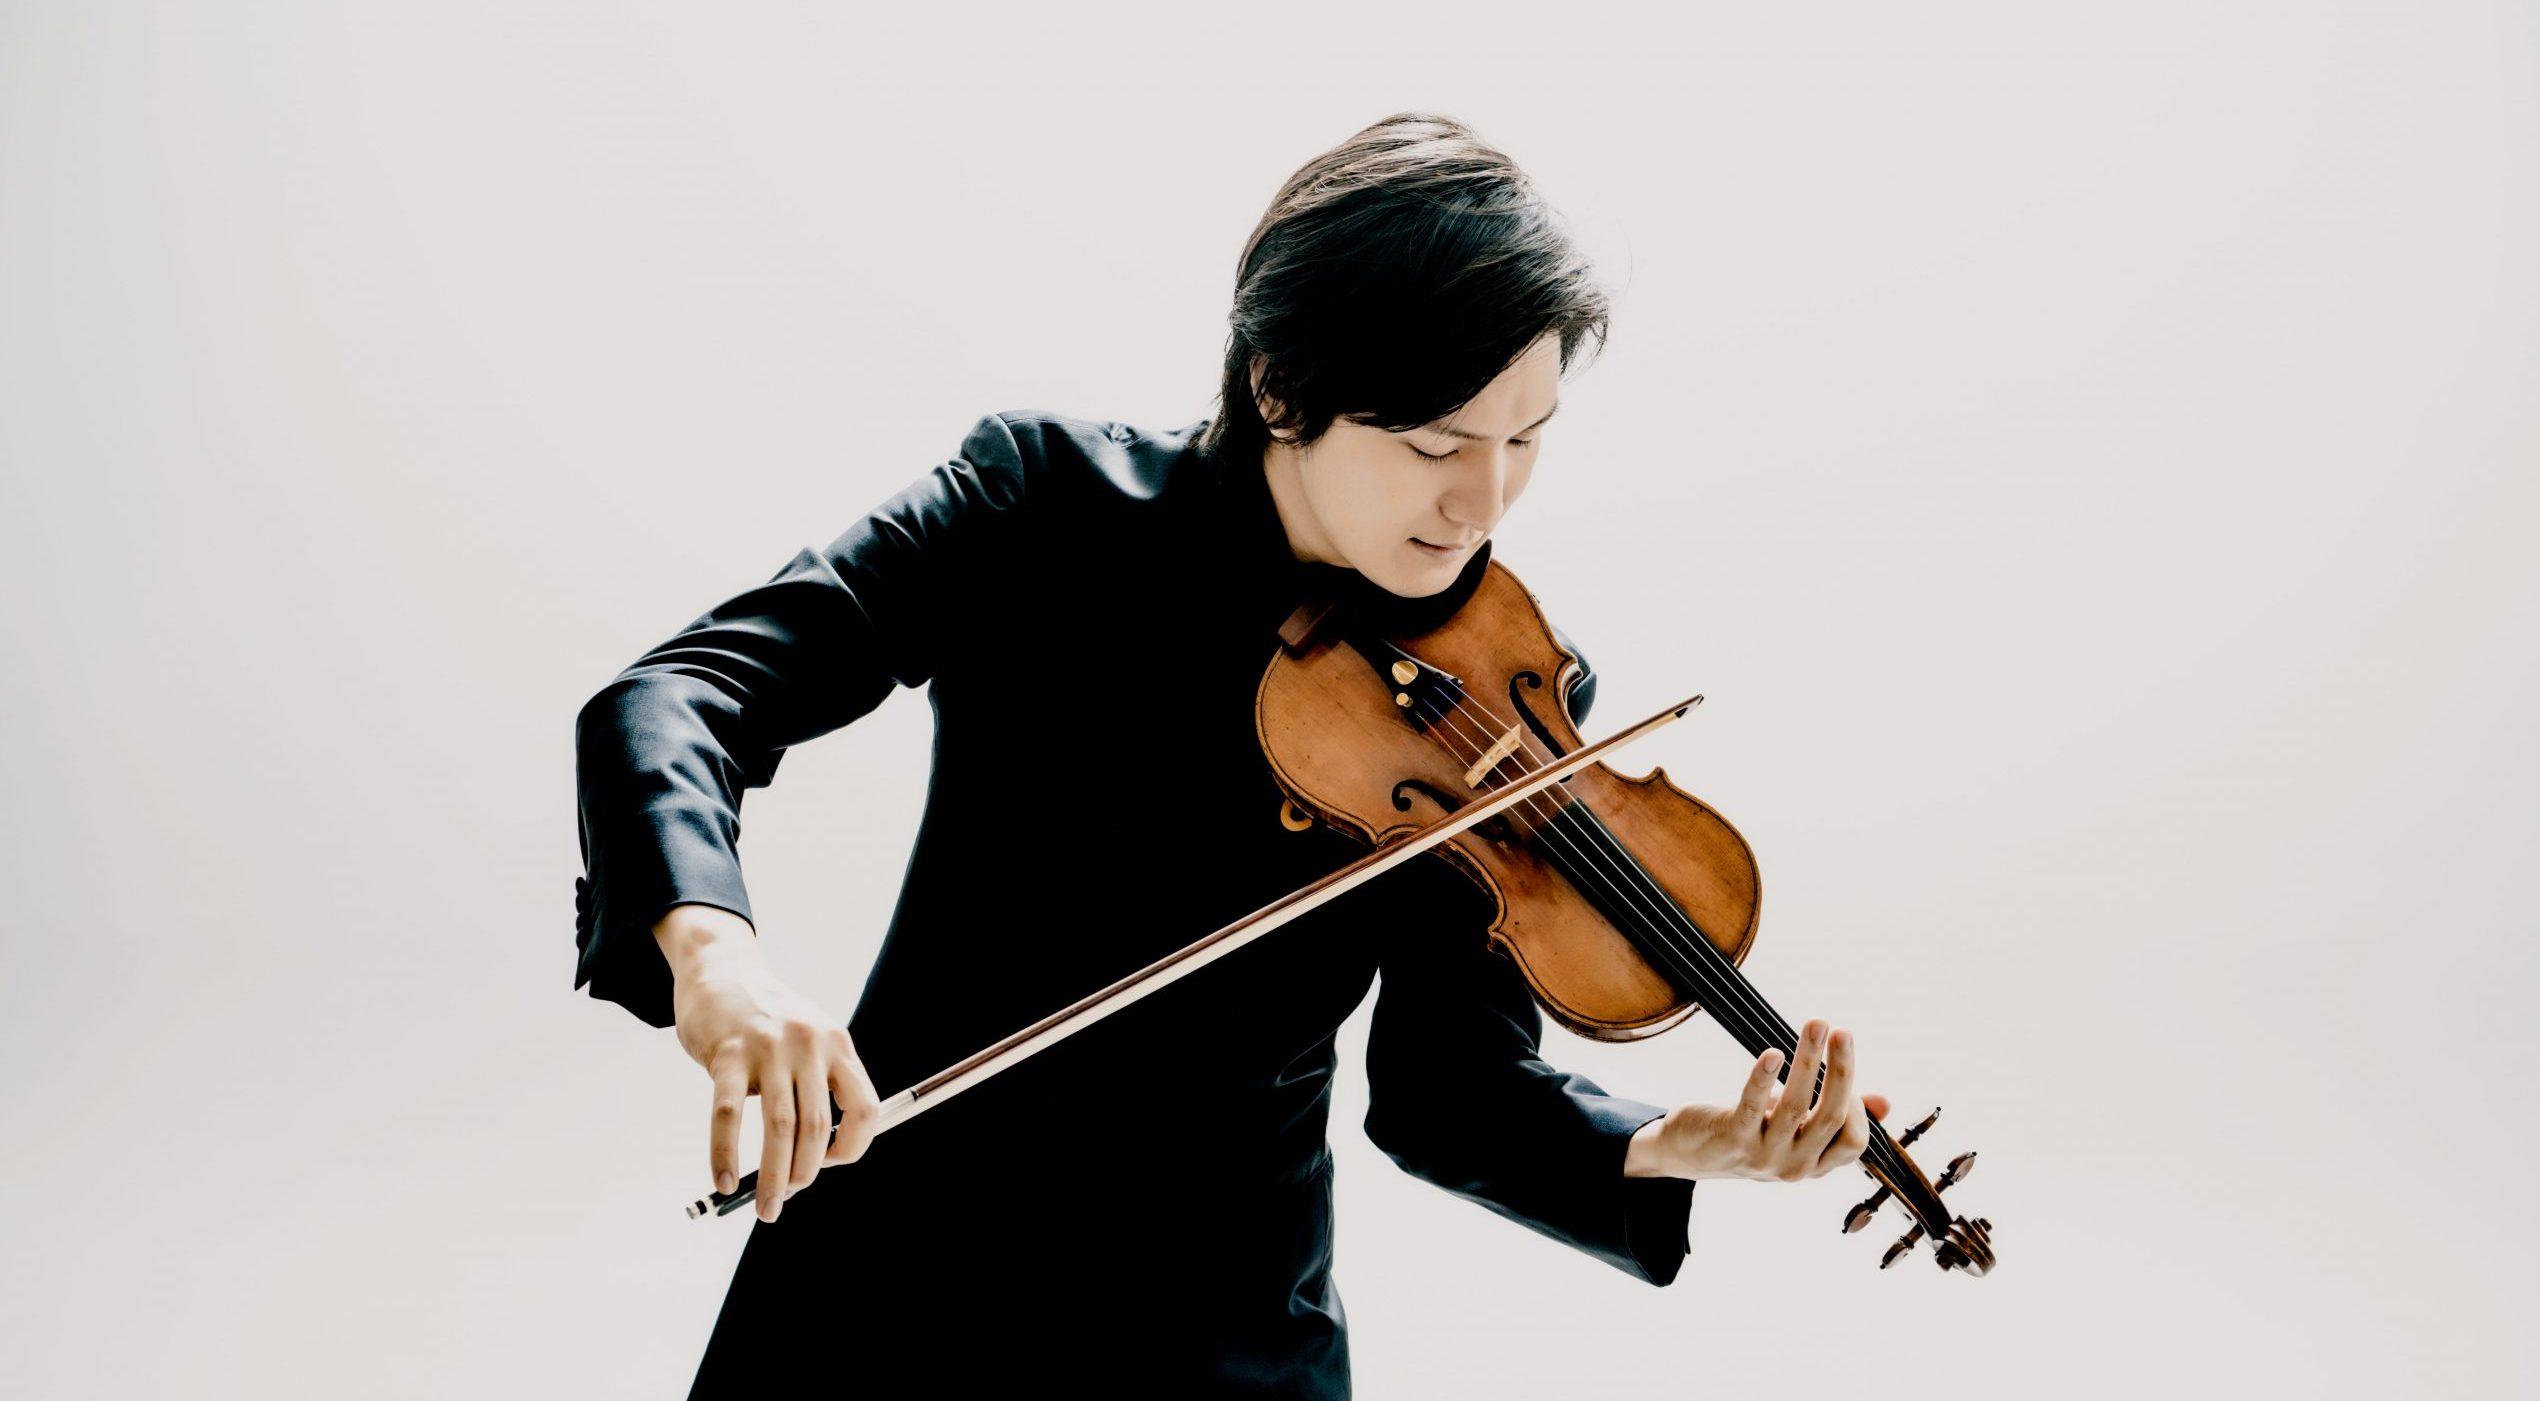 ヴァイオリニスト成田達輝 <br>彼はいかにして作品の真髄に近づくのか?